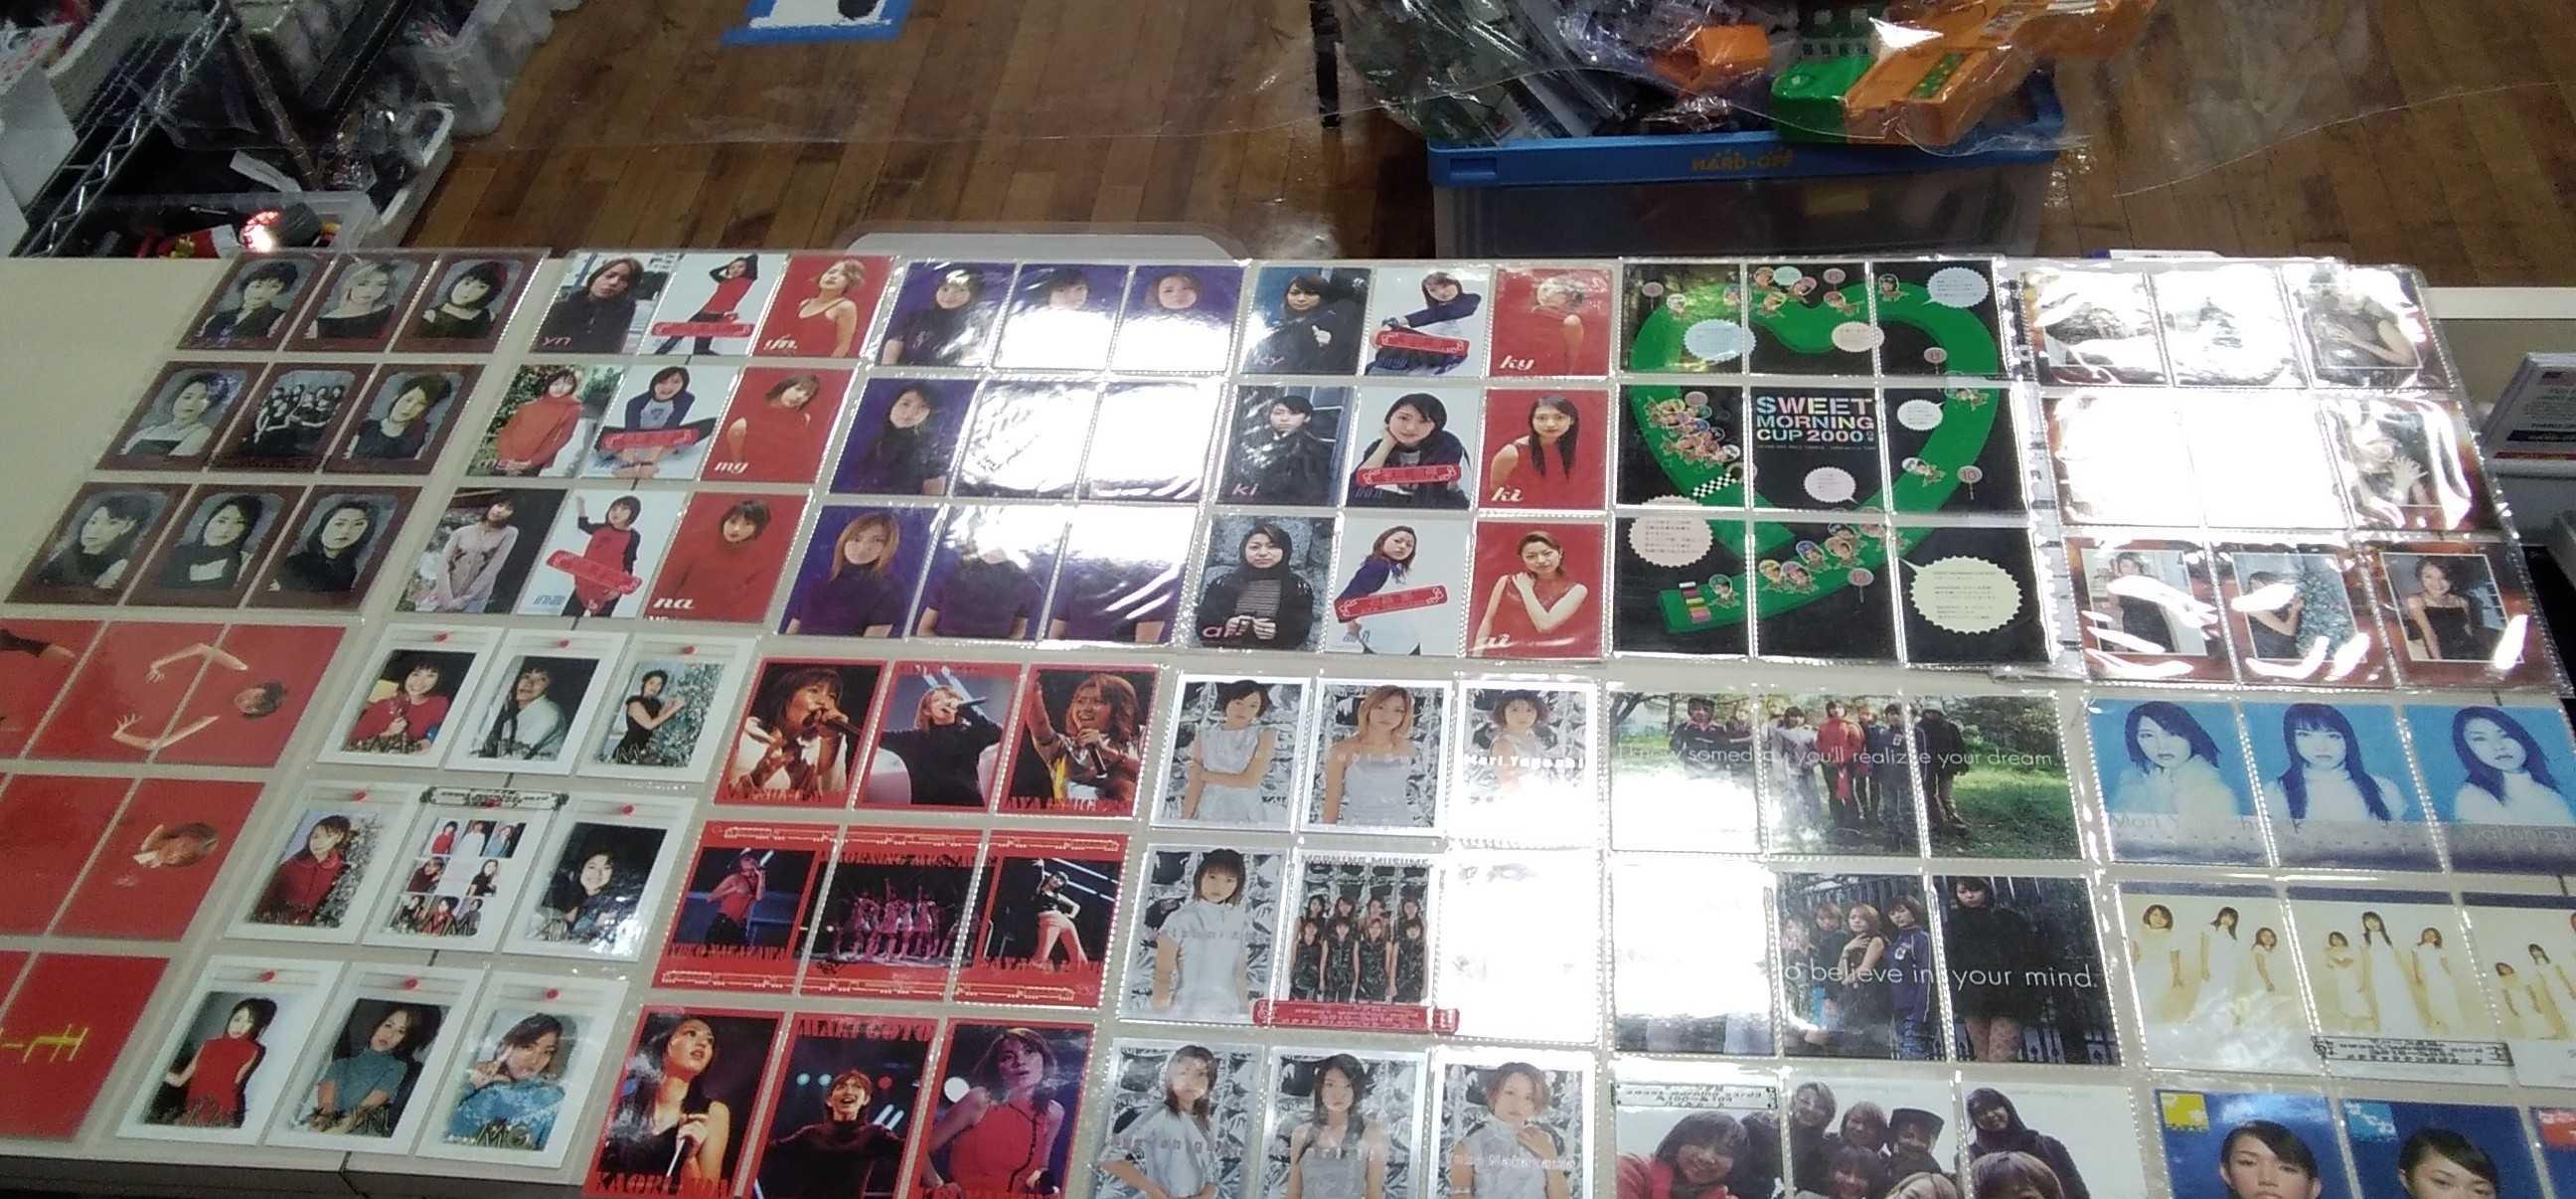 モーニング娘 カードセット|メディアファクトリー